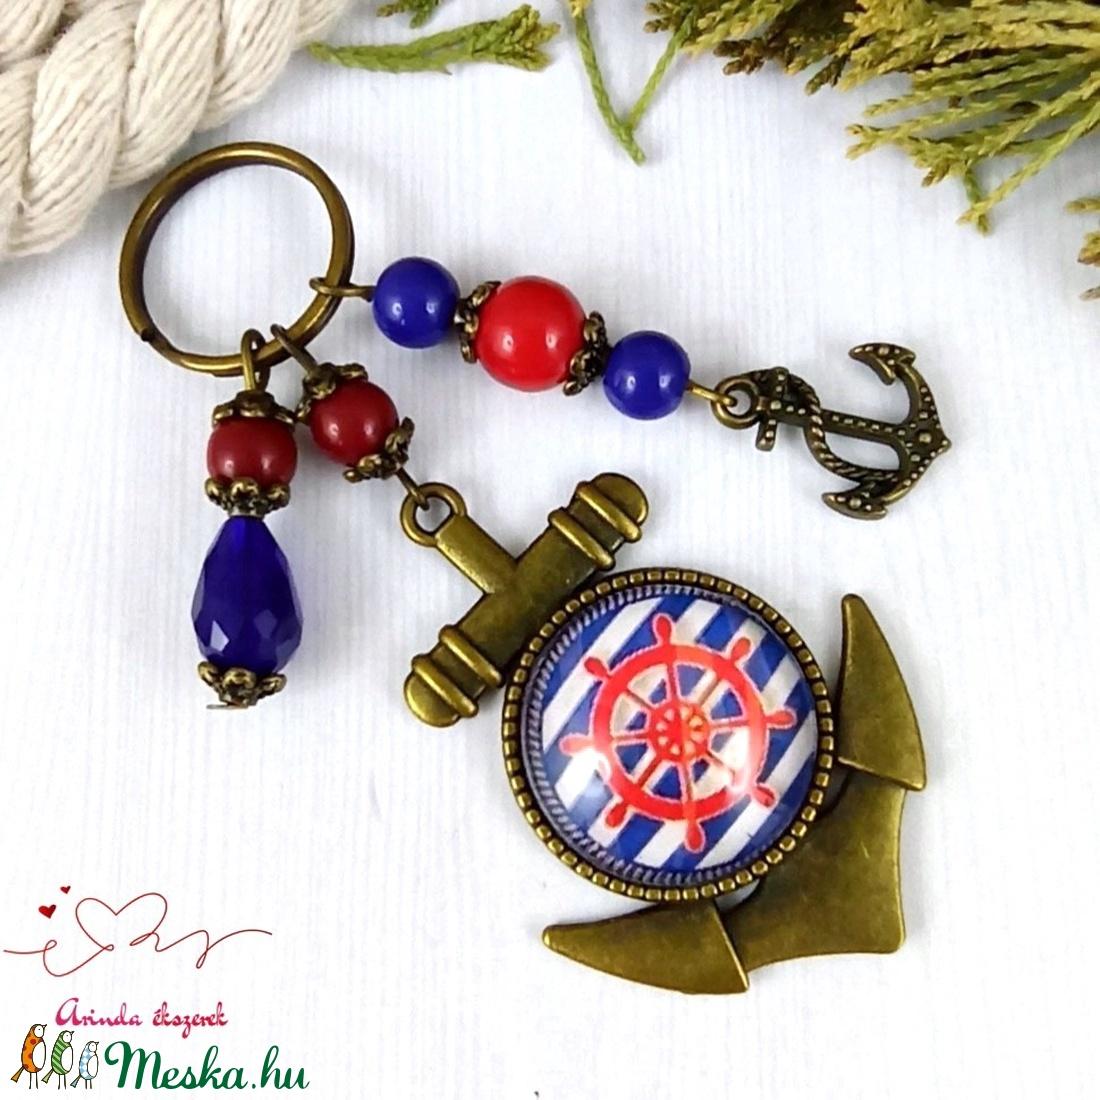 Piros hajókormány üveglencsés kulcstartó táskadísz anyák napja ballagás évzáró pedagógus karácsony szülinap névnap  - táska & tok - kulcstartó & táskadísz - kulcstartó - Meska.hu